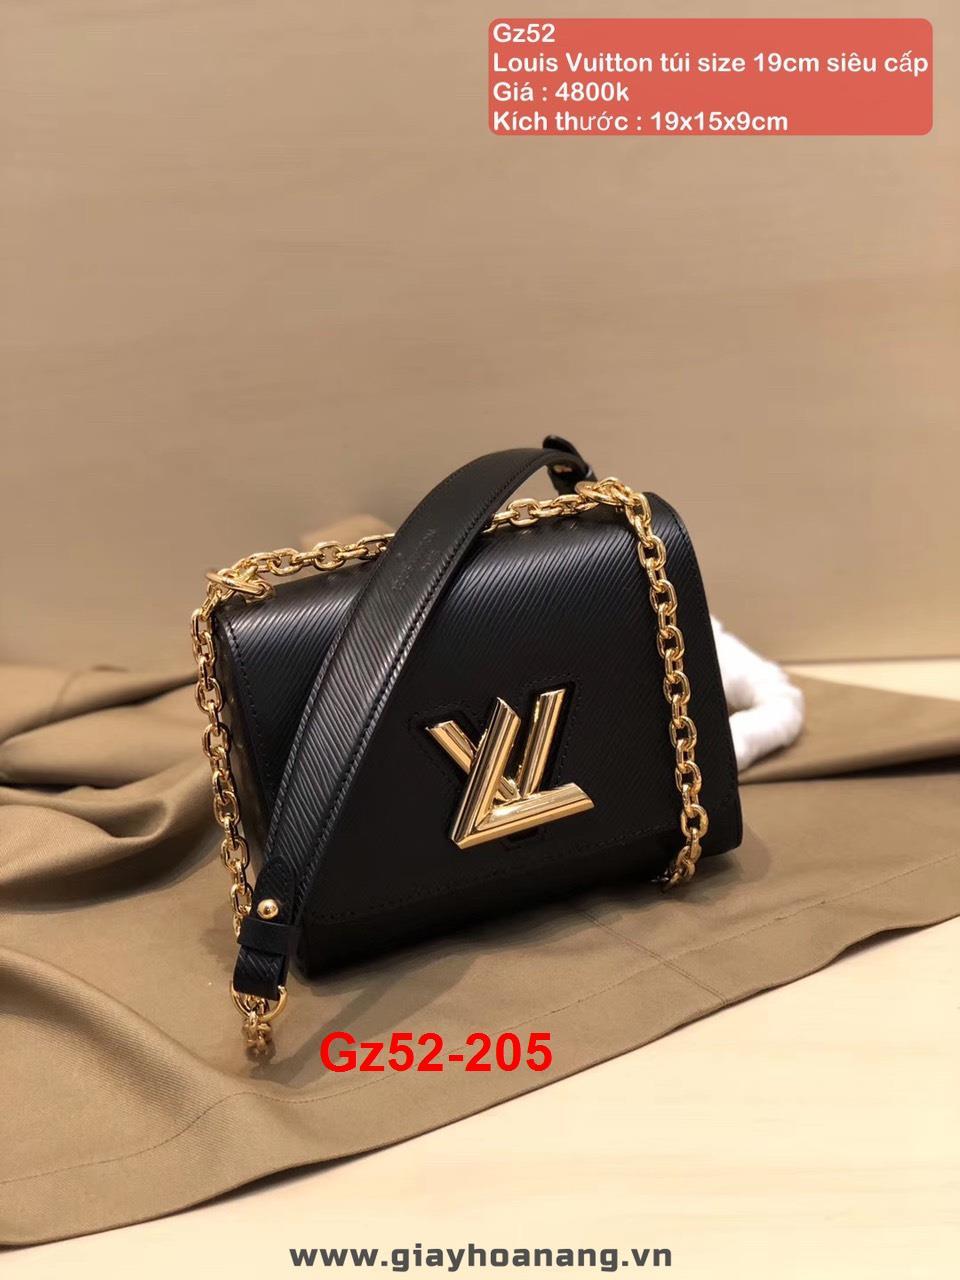 Gz52-205 Louis Vuitton túi size 19cm siêu cấp